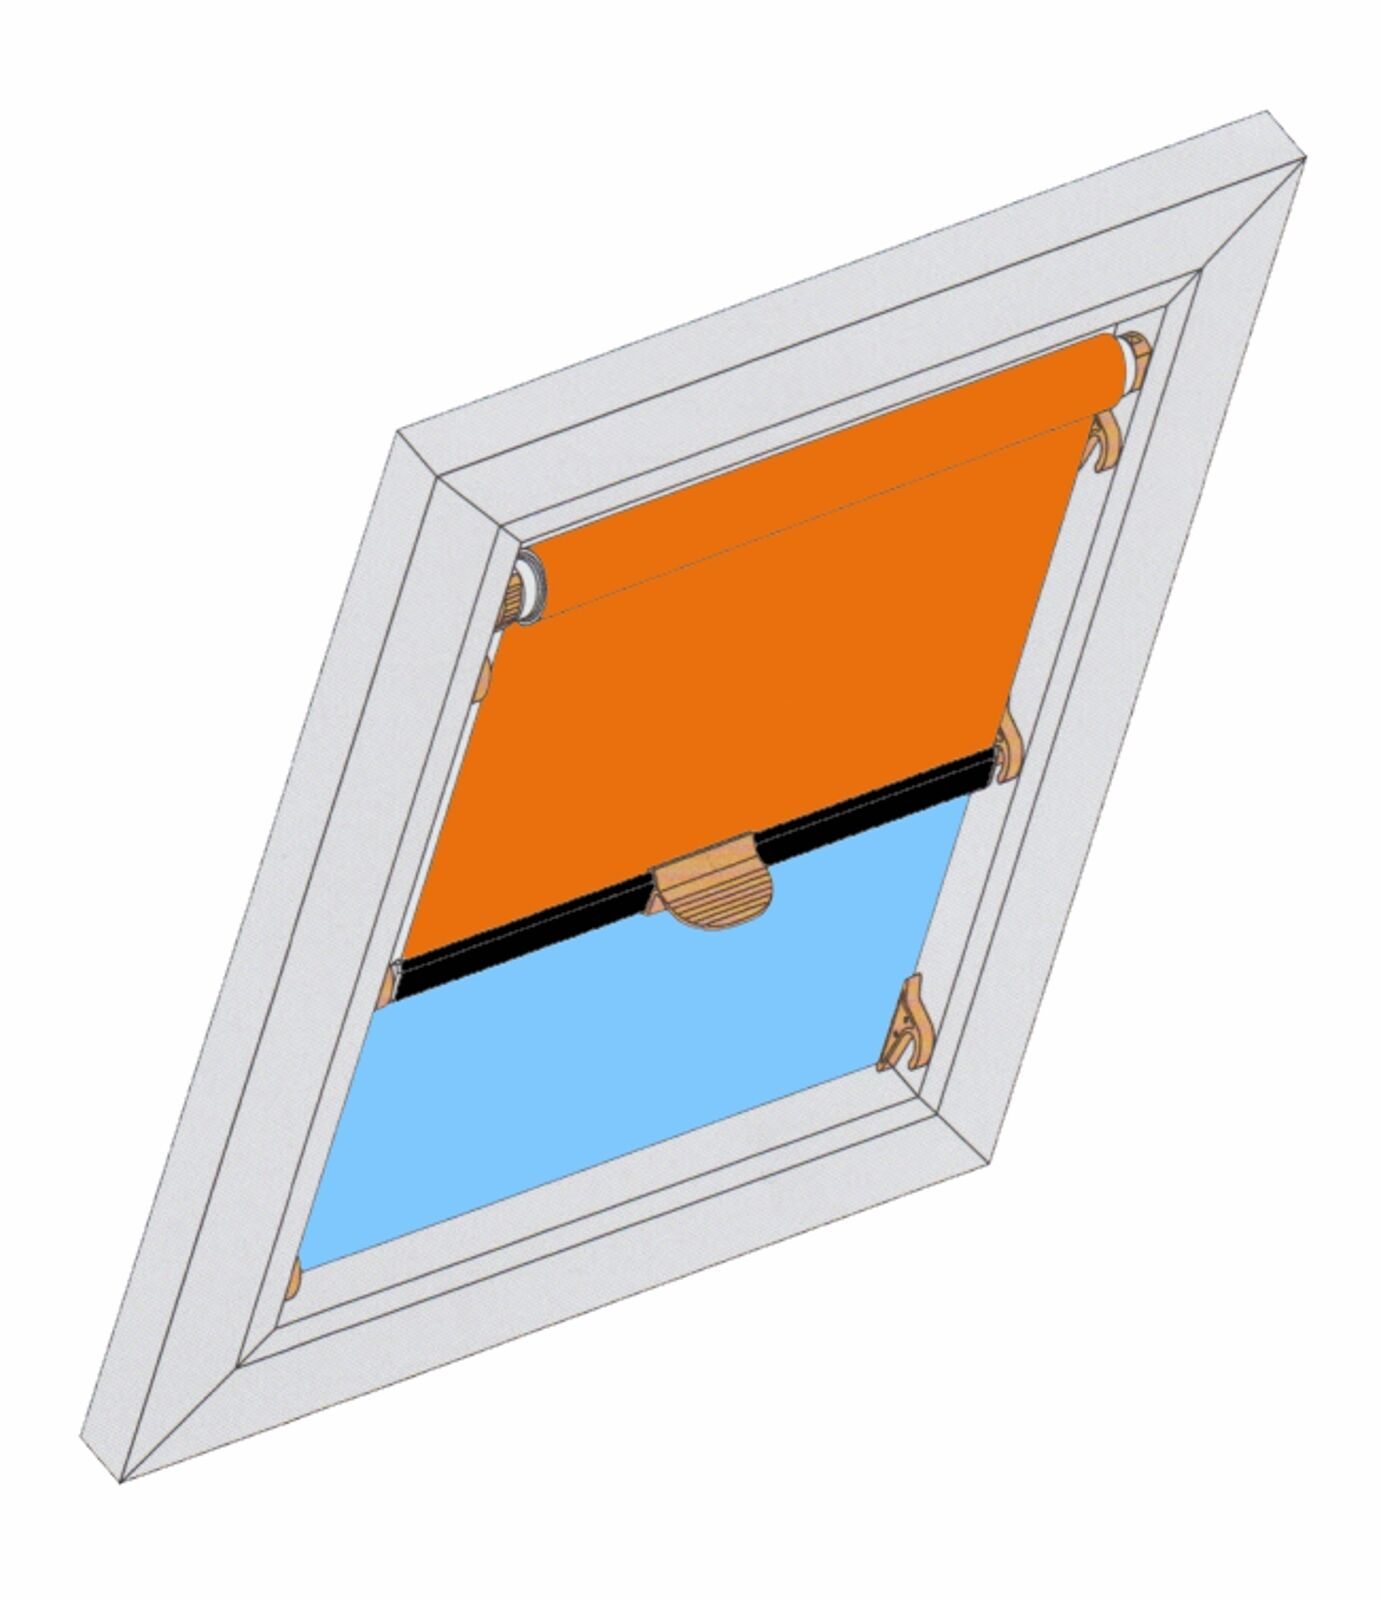 ROLLO DBS Dachfensterrollo Hitzeschutz Verdunkelung Braas Delta Atelier BA DA AF   München    Sale Deutschland